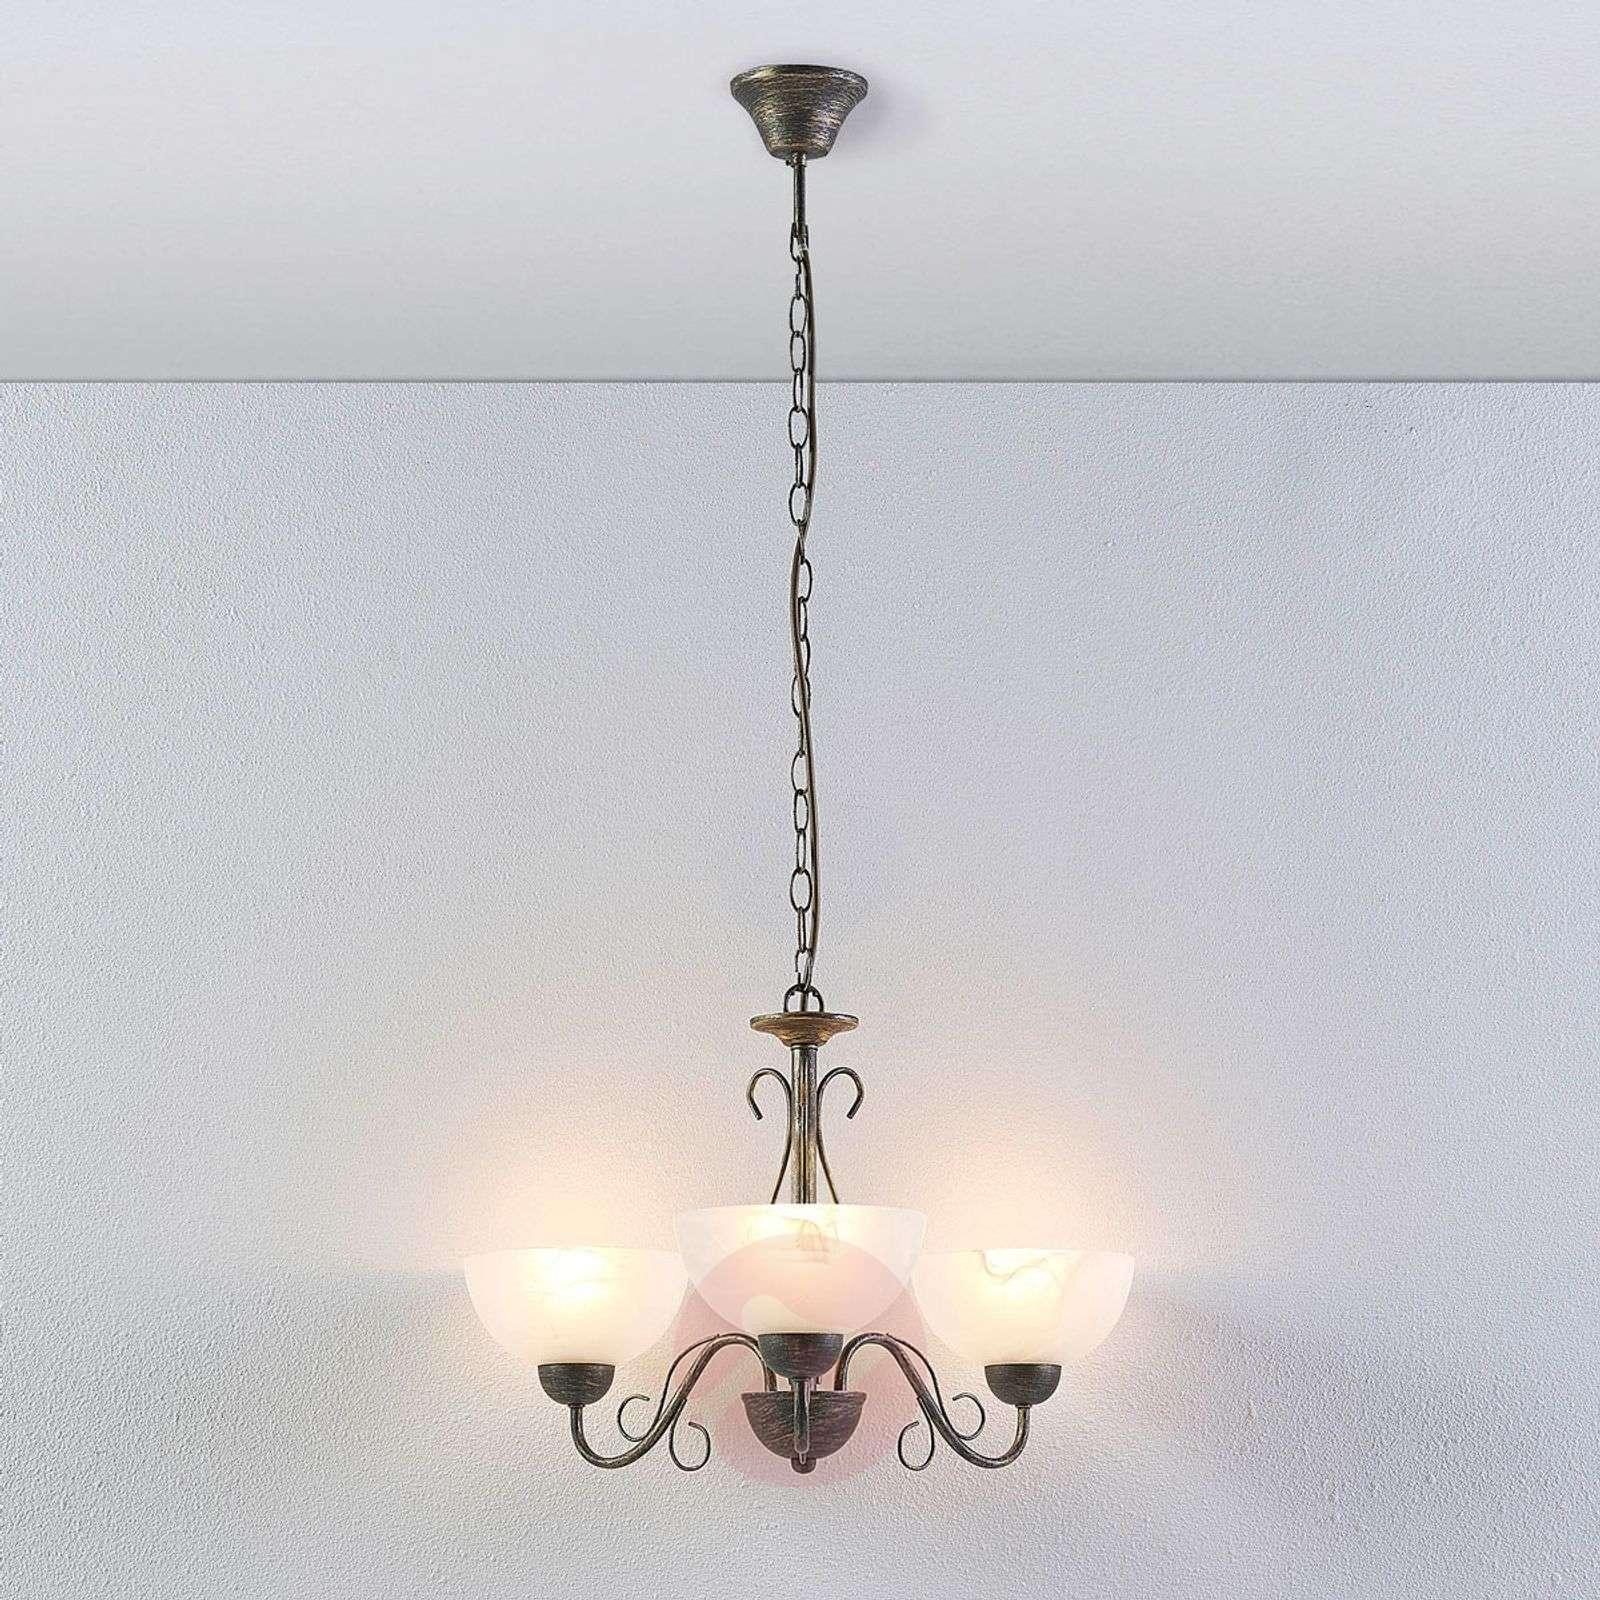 Mohija romanttinen riippuvalaisin, 3-lampp.-9620871-02